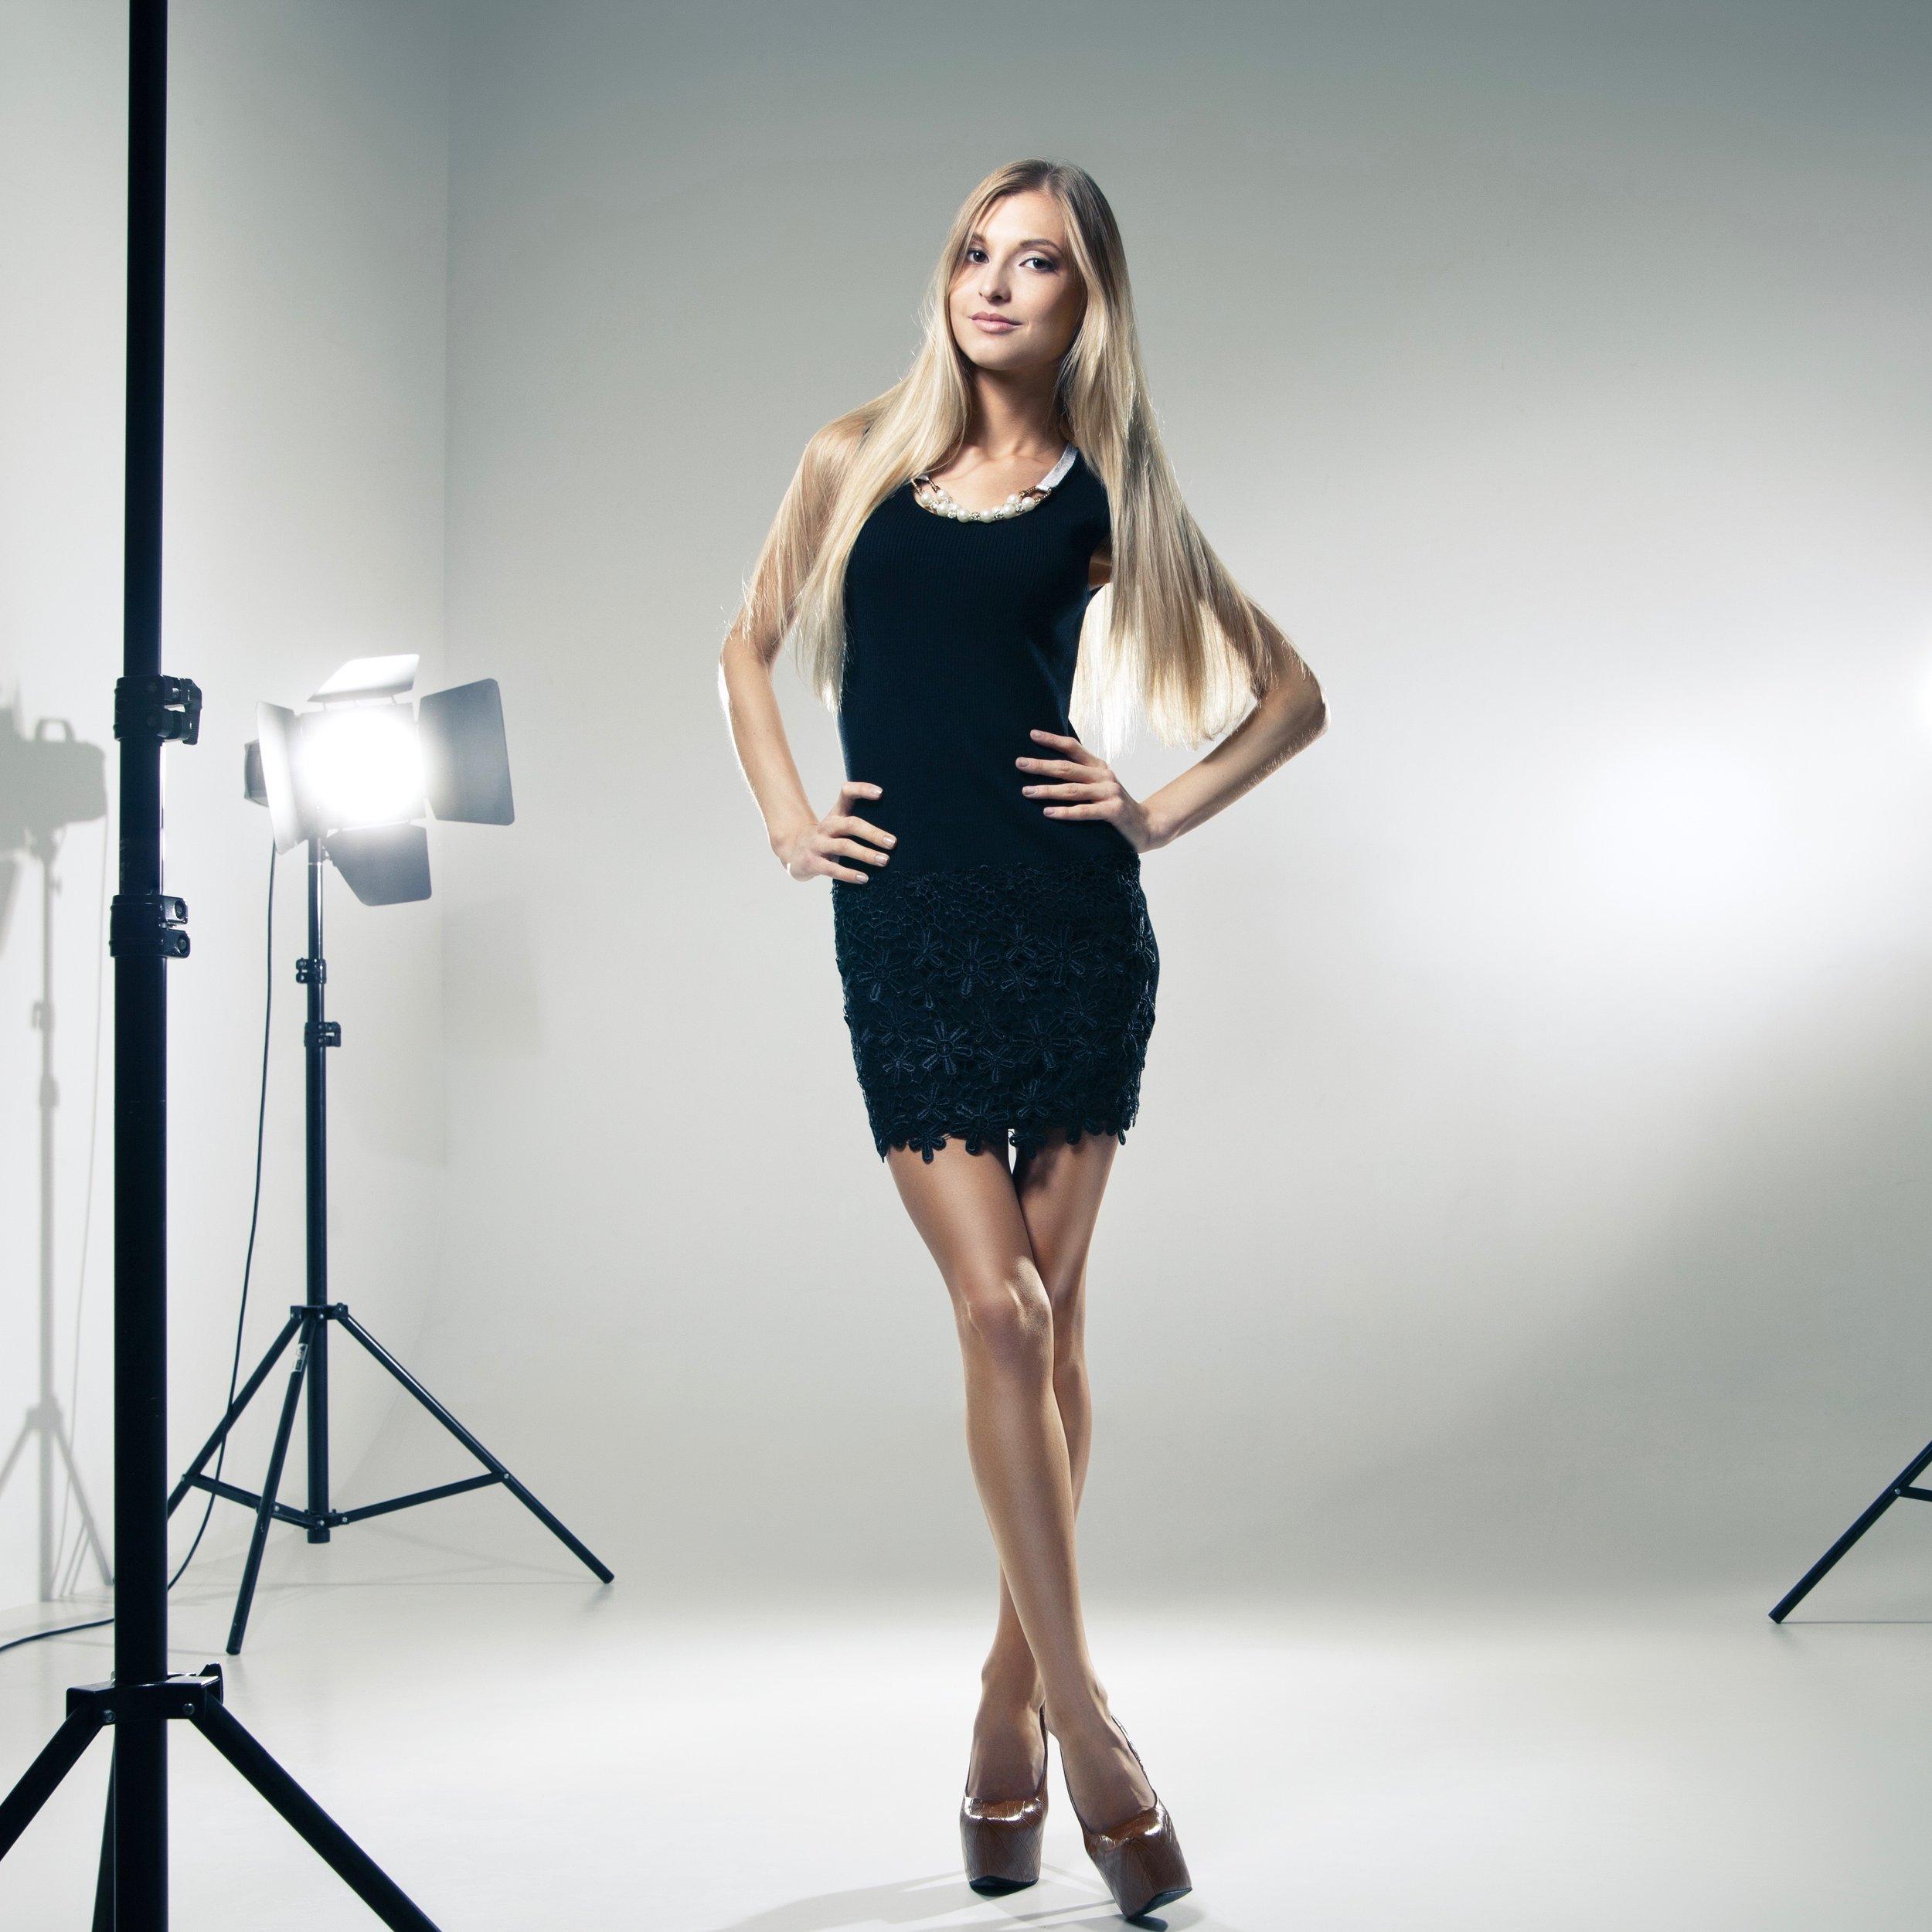 professional models -